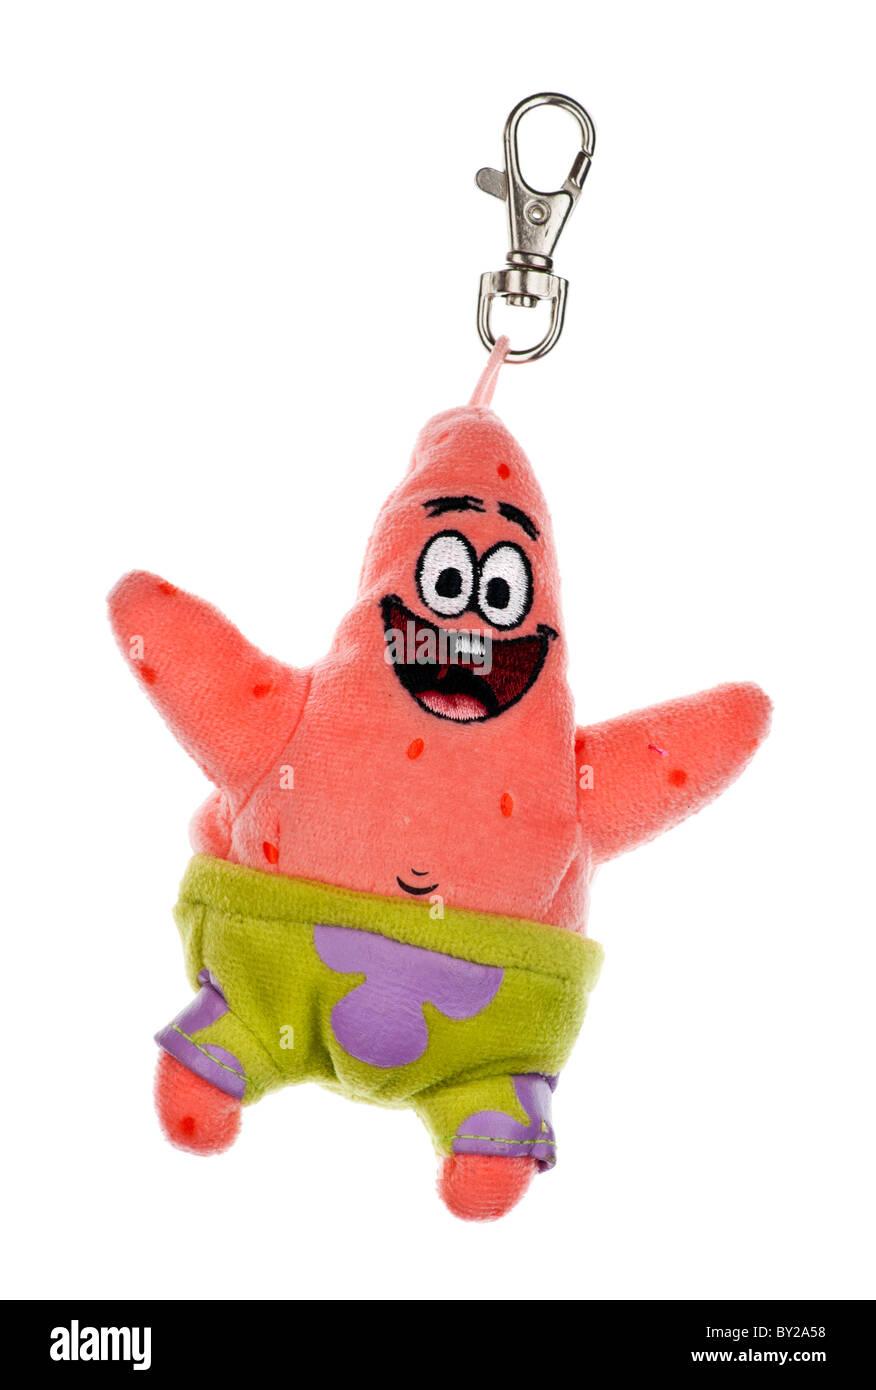 patrick star keyring a character from spongebob squarepants 2011